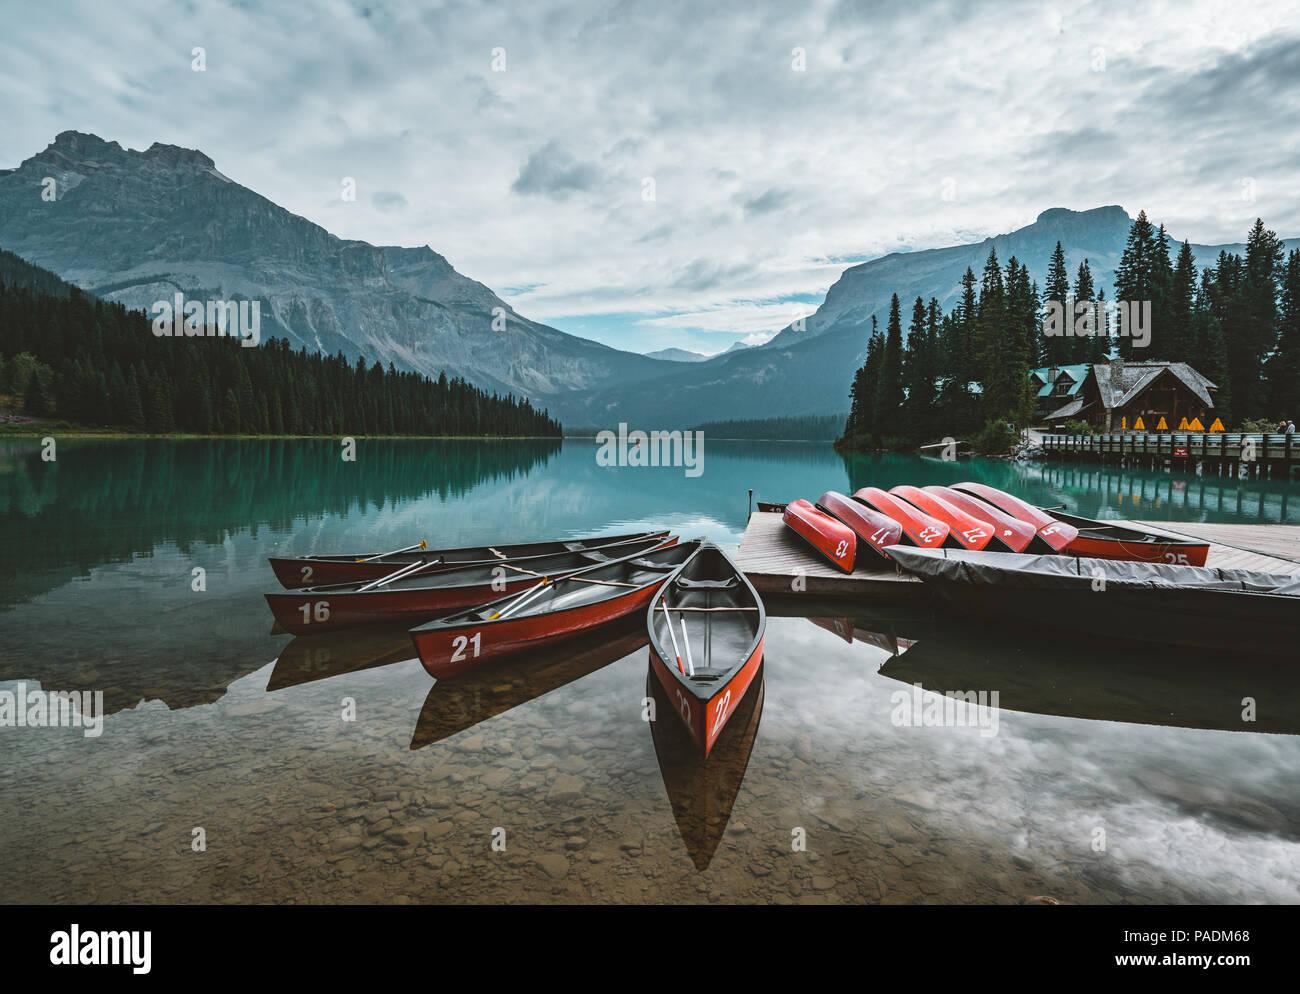 Red Kajaks trocken auf den Kopf. Emerald Lake in den kanadischen Rockies mit Bergen und Bäumen und refelction. Konzept der aktiven Urlaub und Tourismus Stockbild